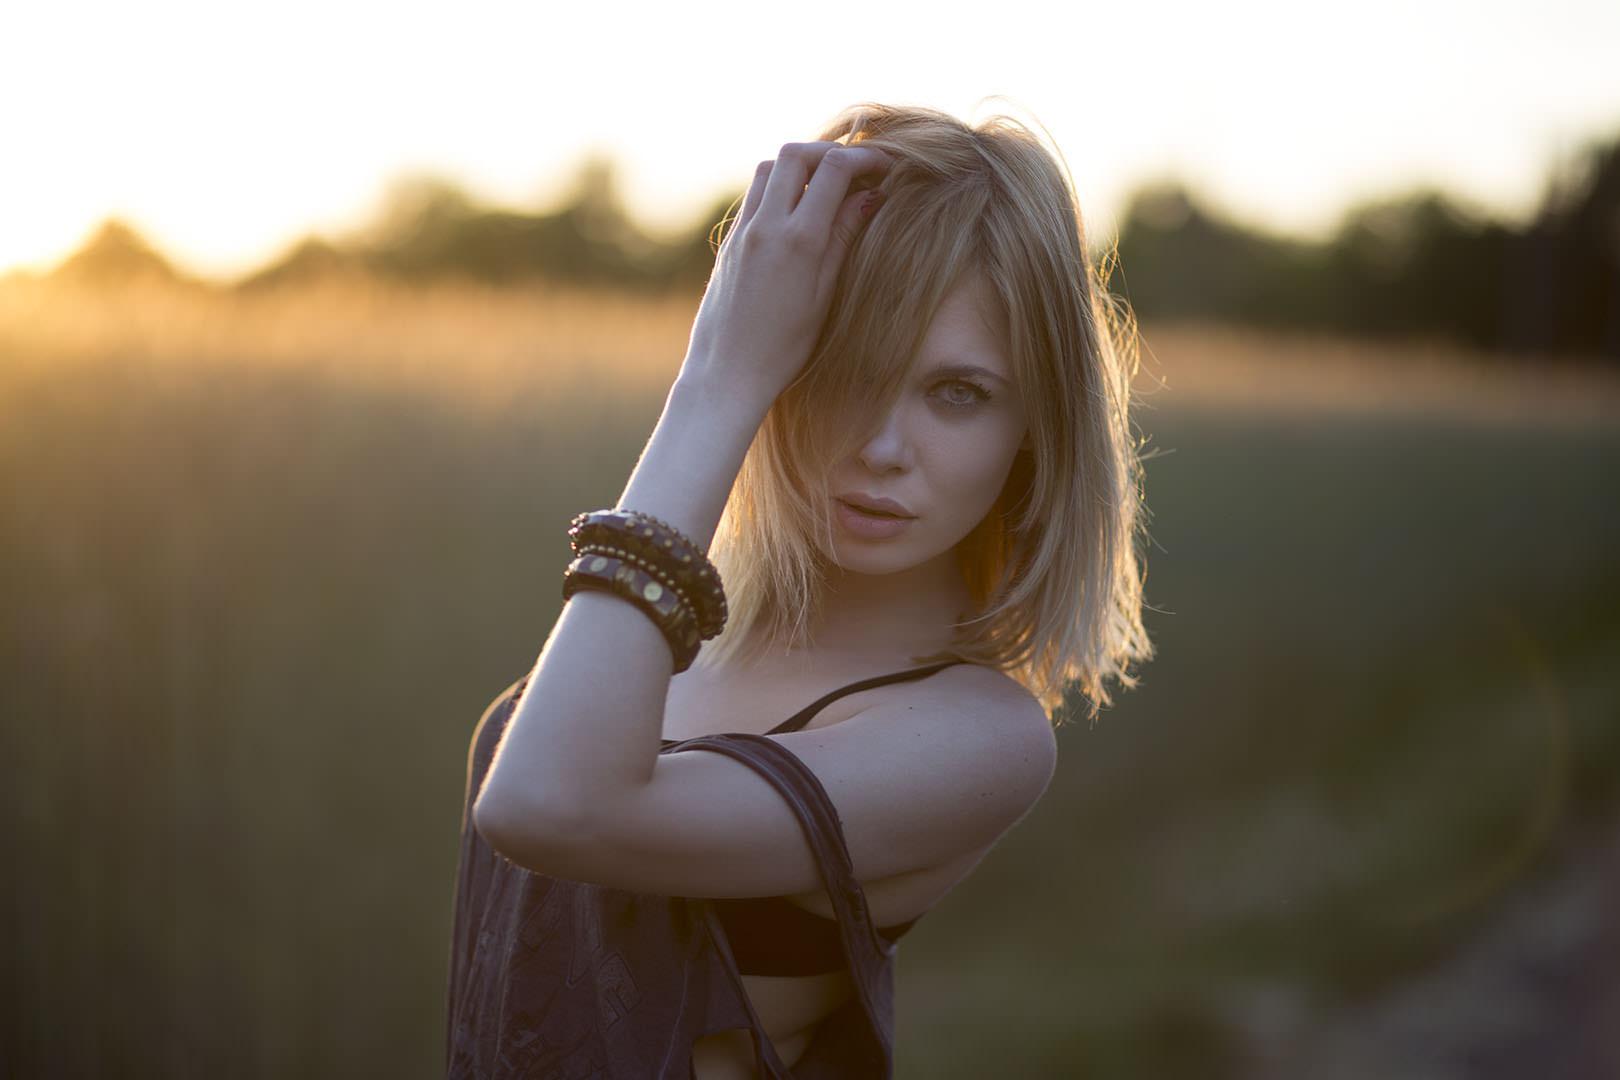 Natalia_06